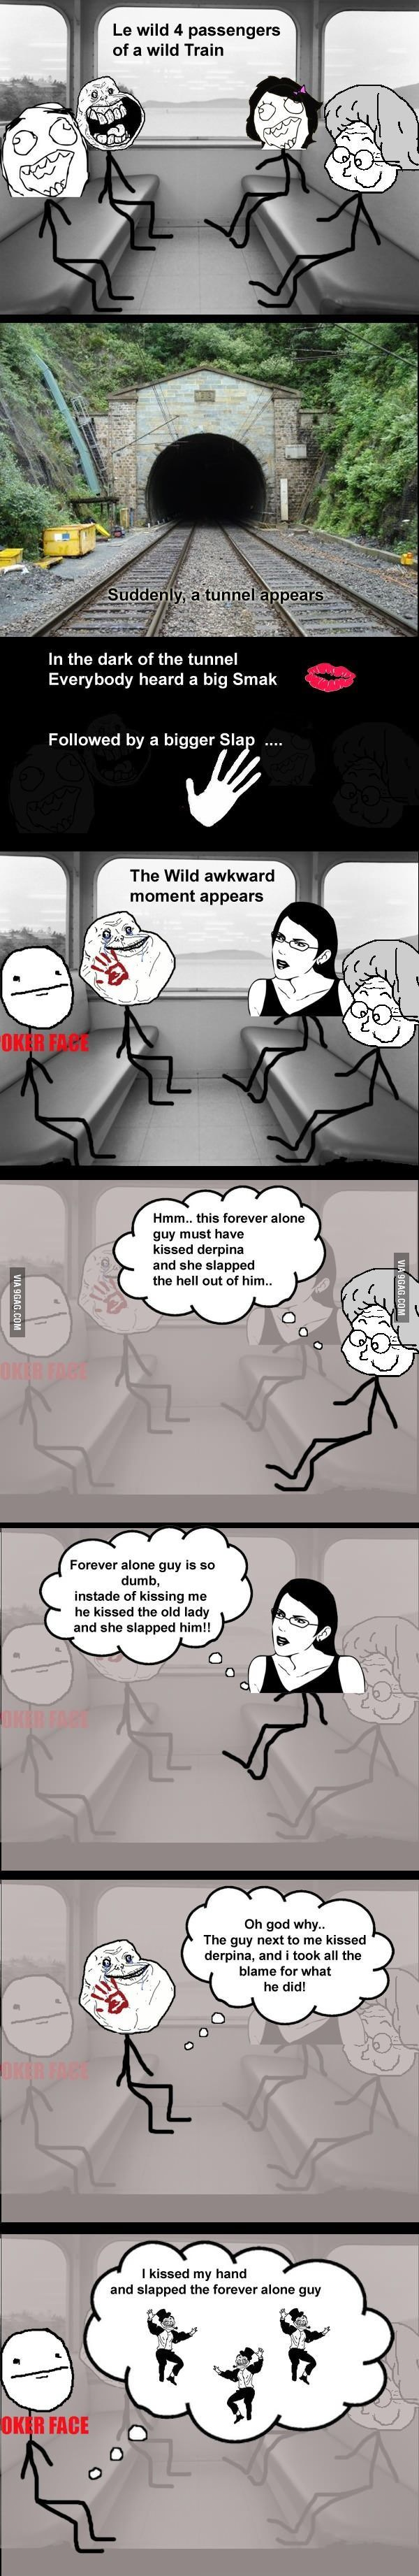 Trolling in the train